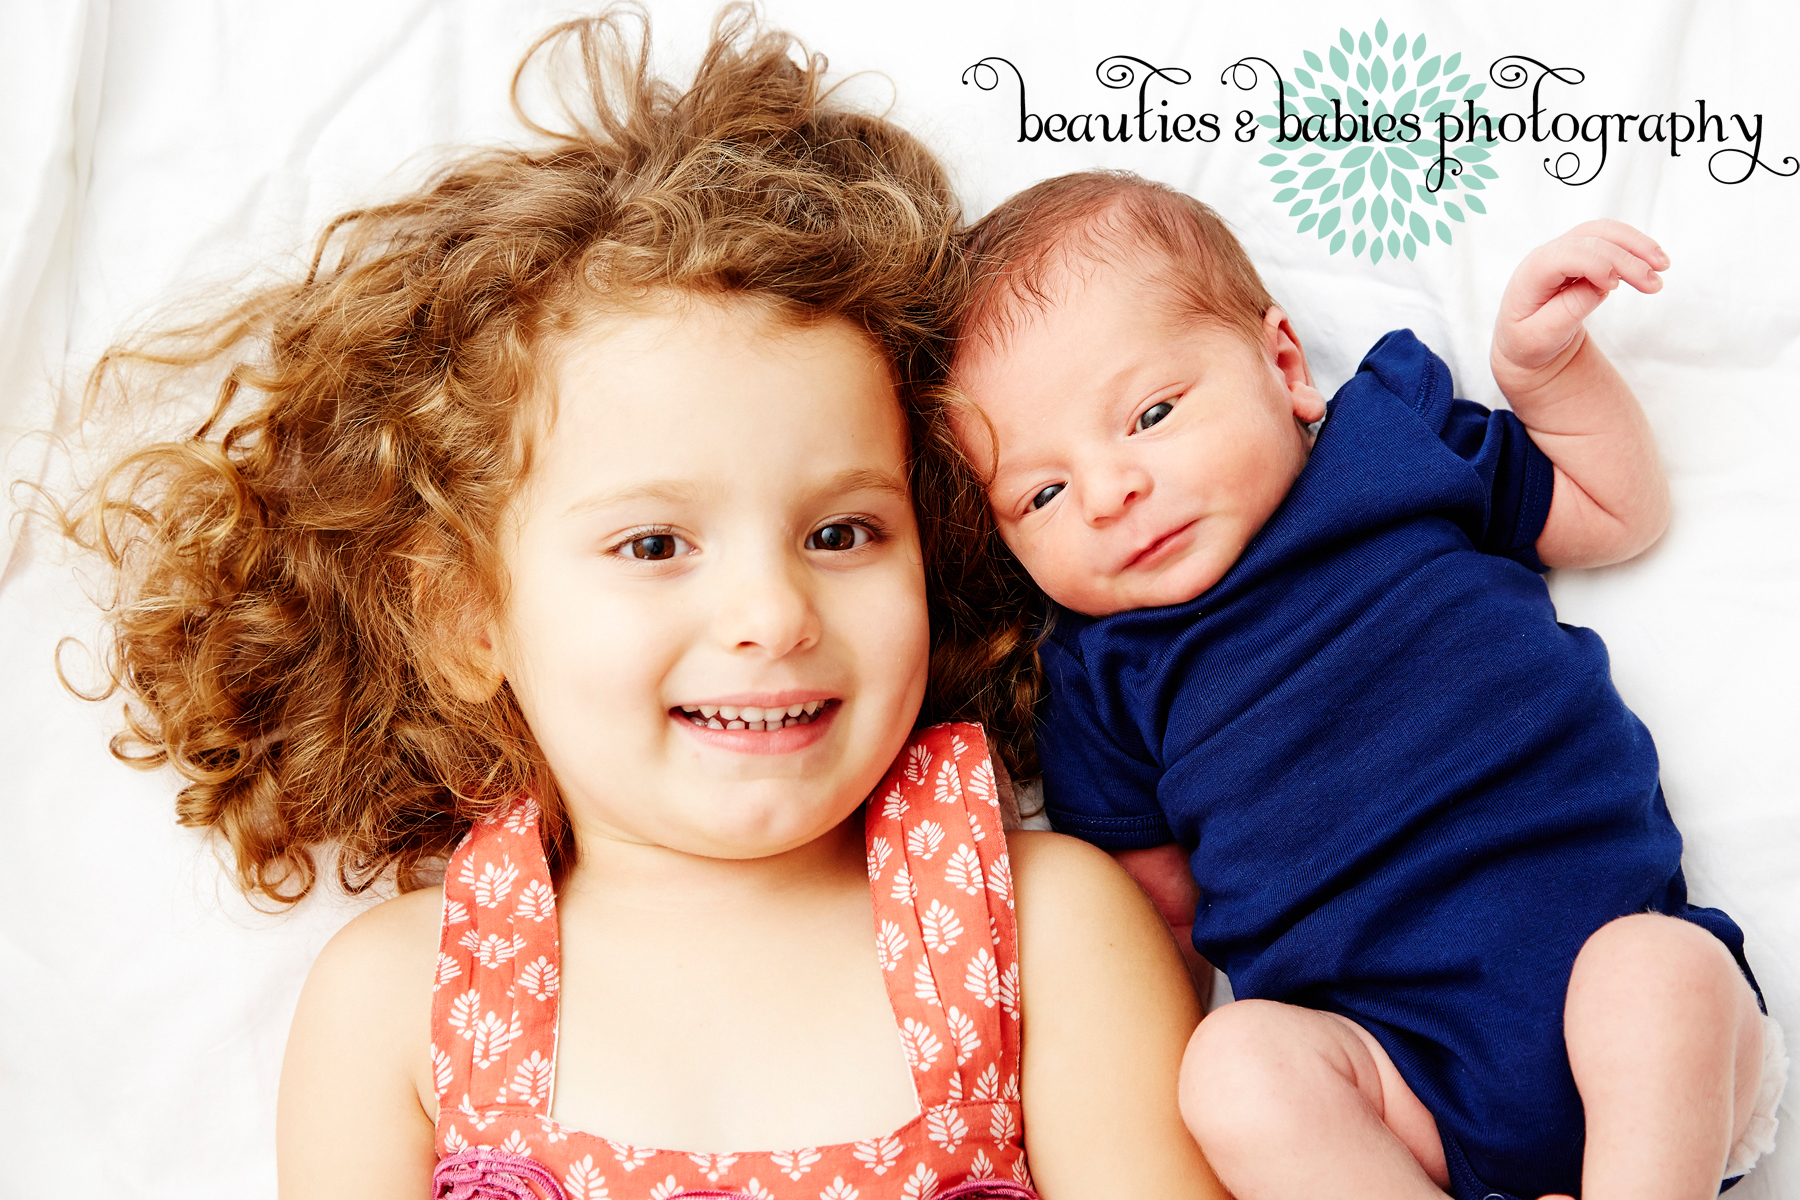 BeautiesAndBabies.com